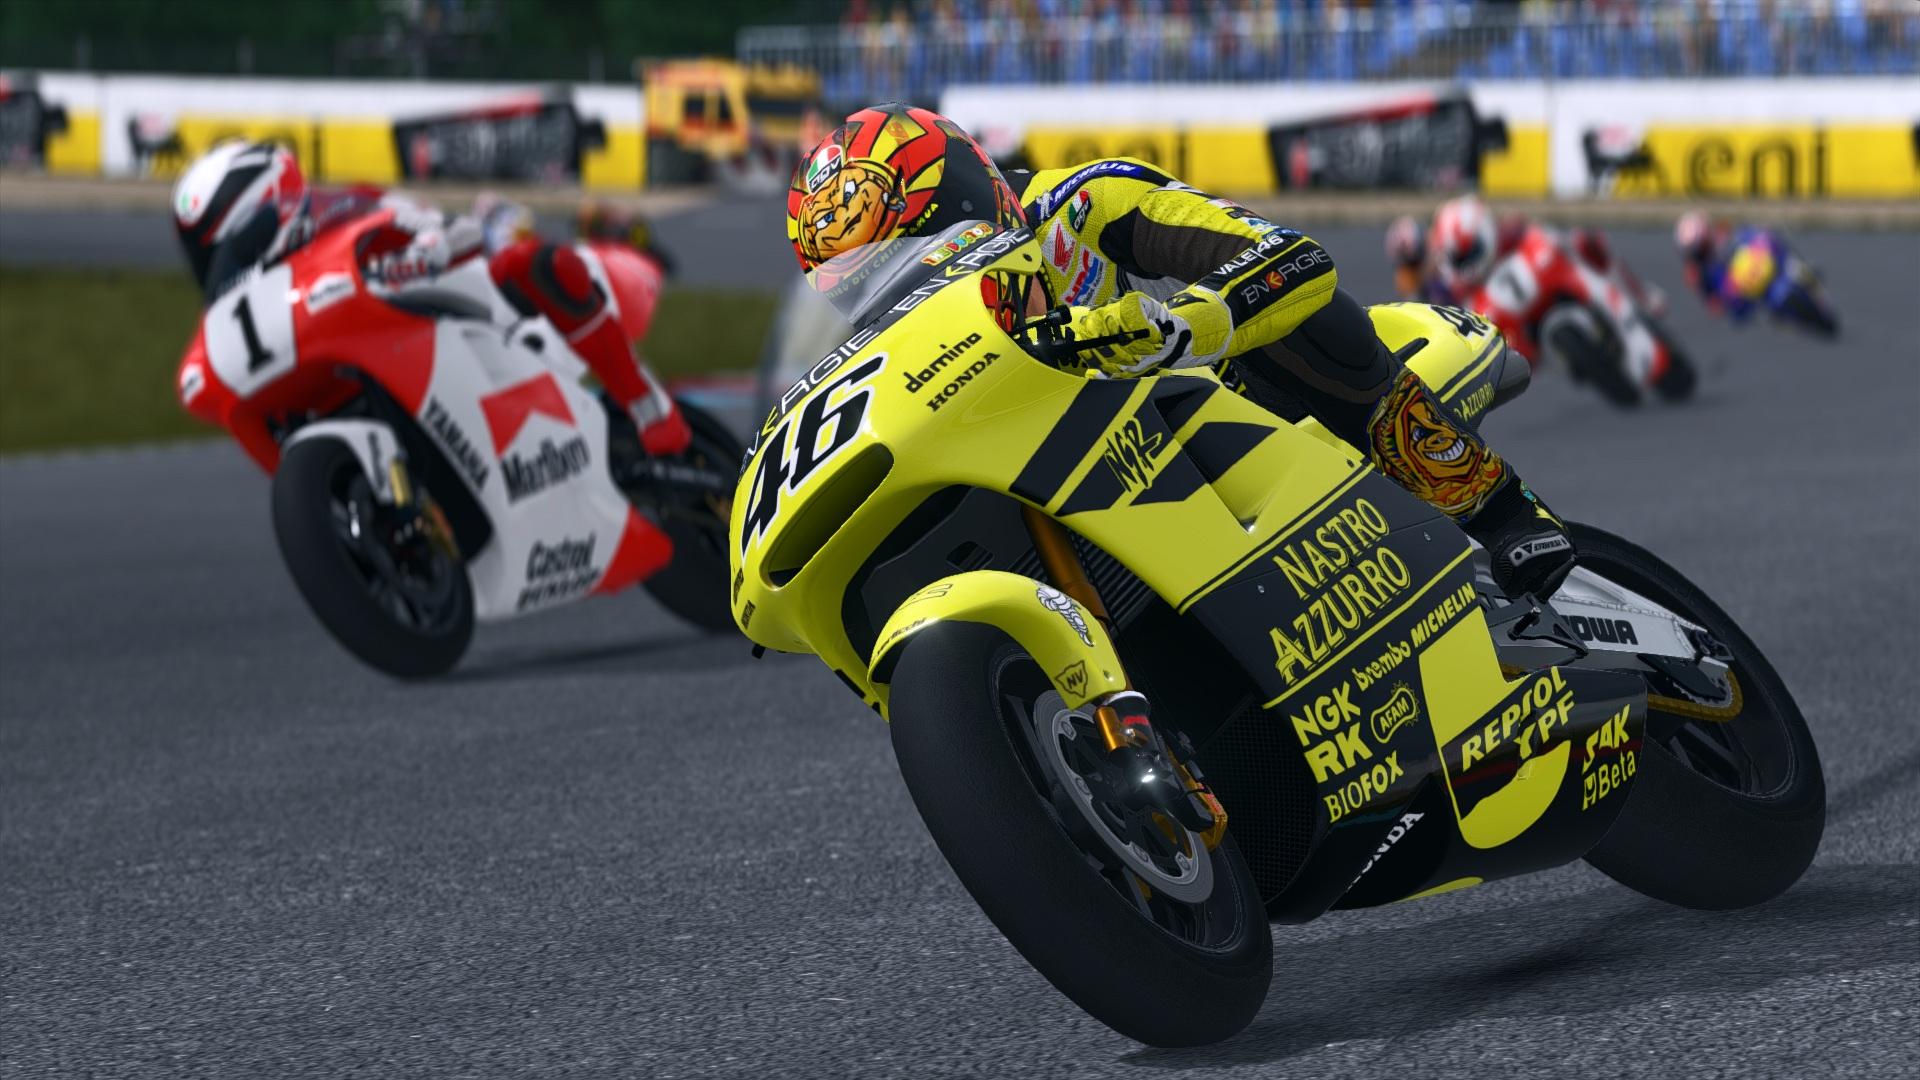 MotoGP14X64.exe_DX11_20140822_180743.jpg